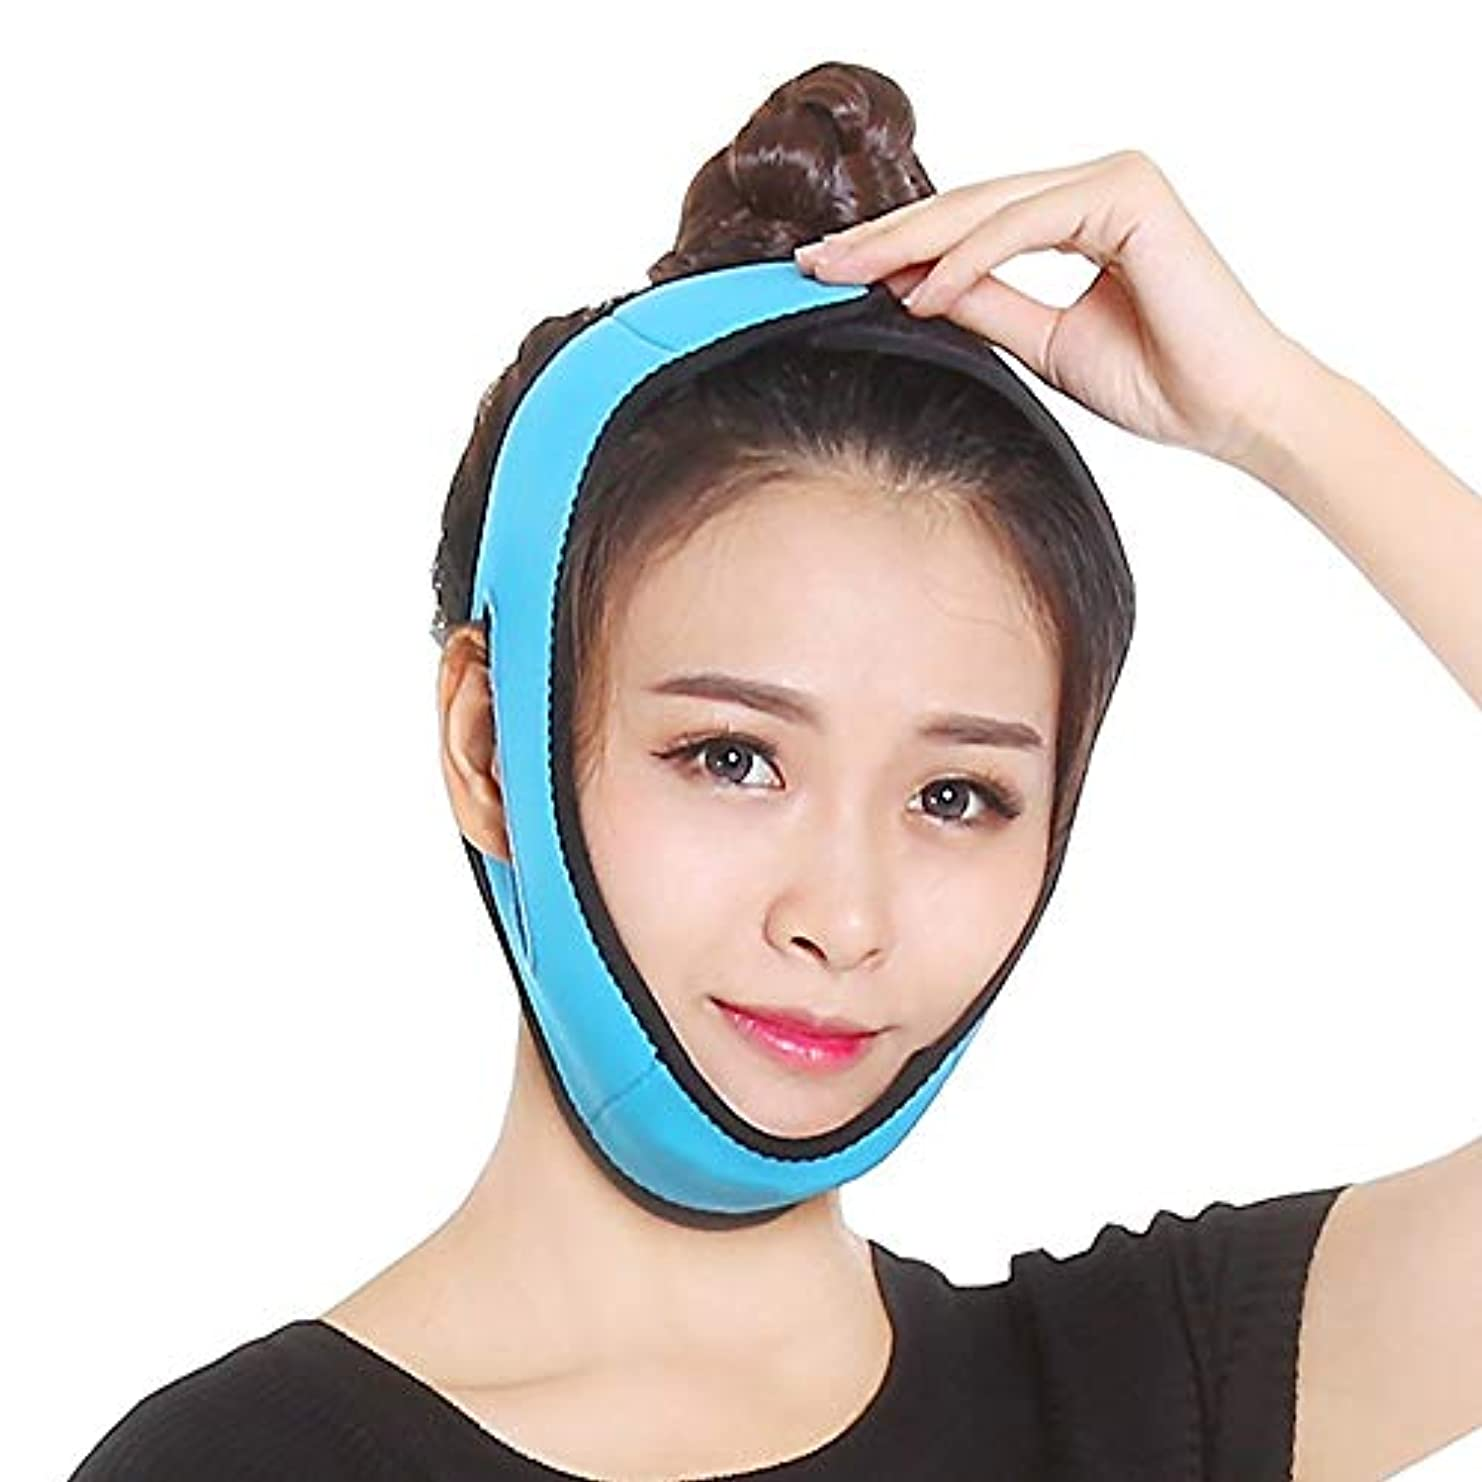 普通にテスト無能Jia Jia- フェイシャルリフティングスリミングベルト - 薄いフェイス包帯二重あごデバイス無料フェイシャルマッサージ整形マスクを引き締める顔と首の顔スリム 顔面包帯